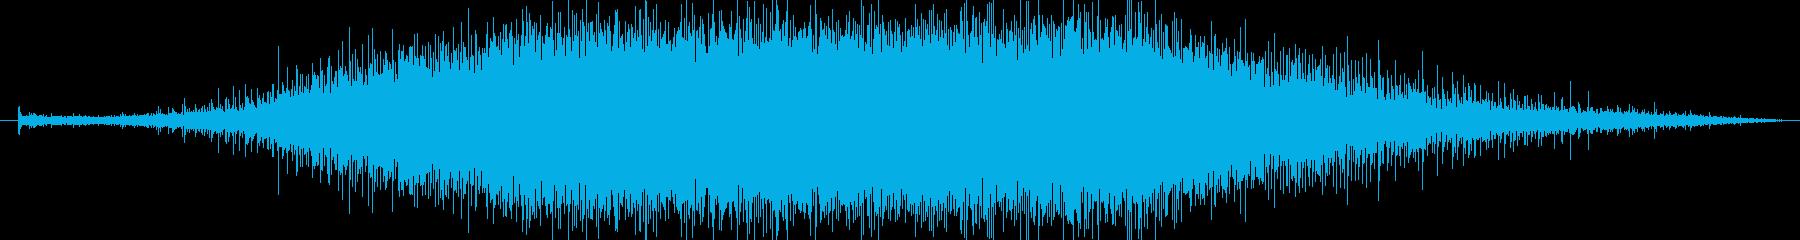 機械 ジグソーエンジンミディアムフ...の再生済みの波形